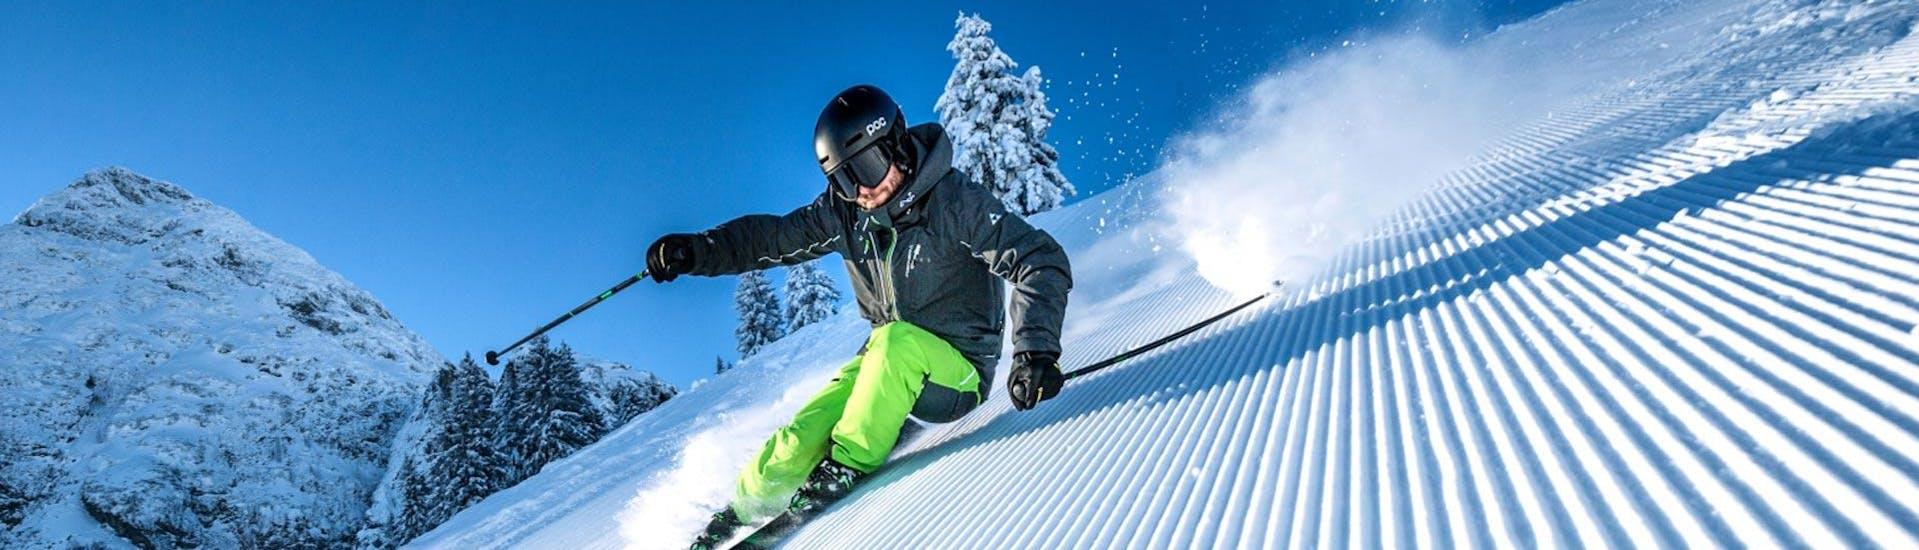 """Skikurs für Erwachsene """"Premium"""" für Fortgeschrittene"""